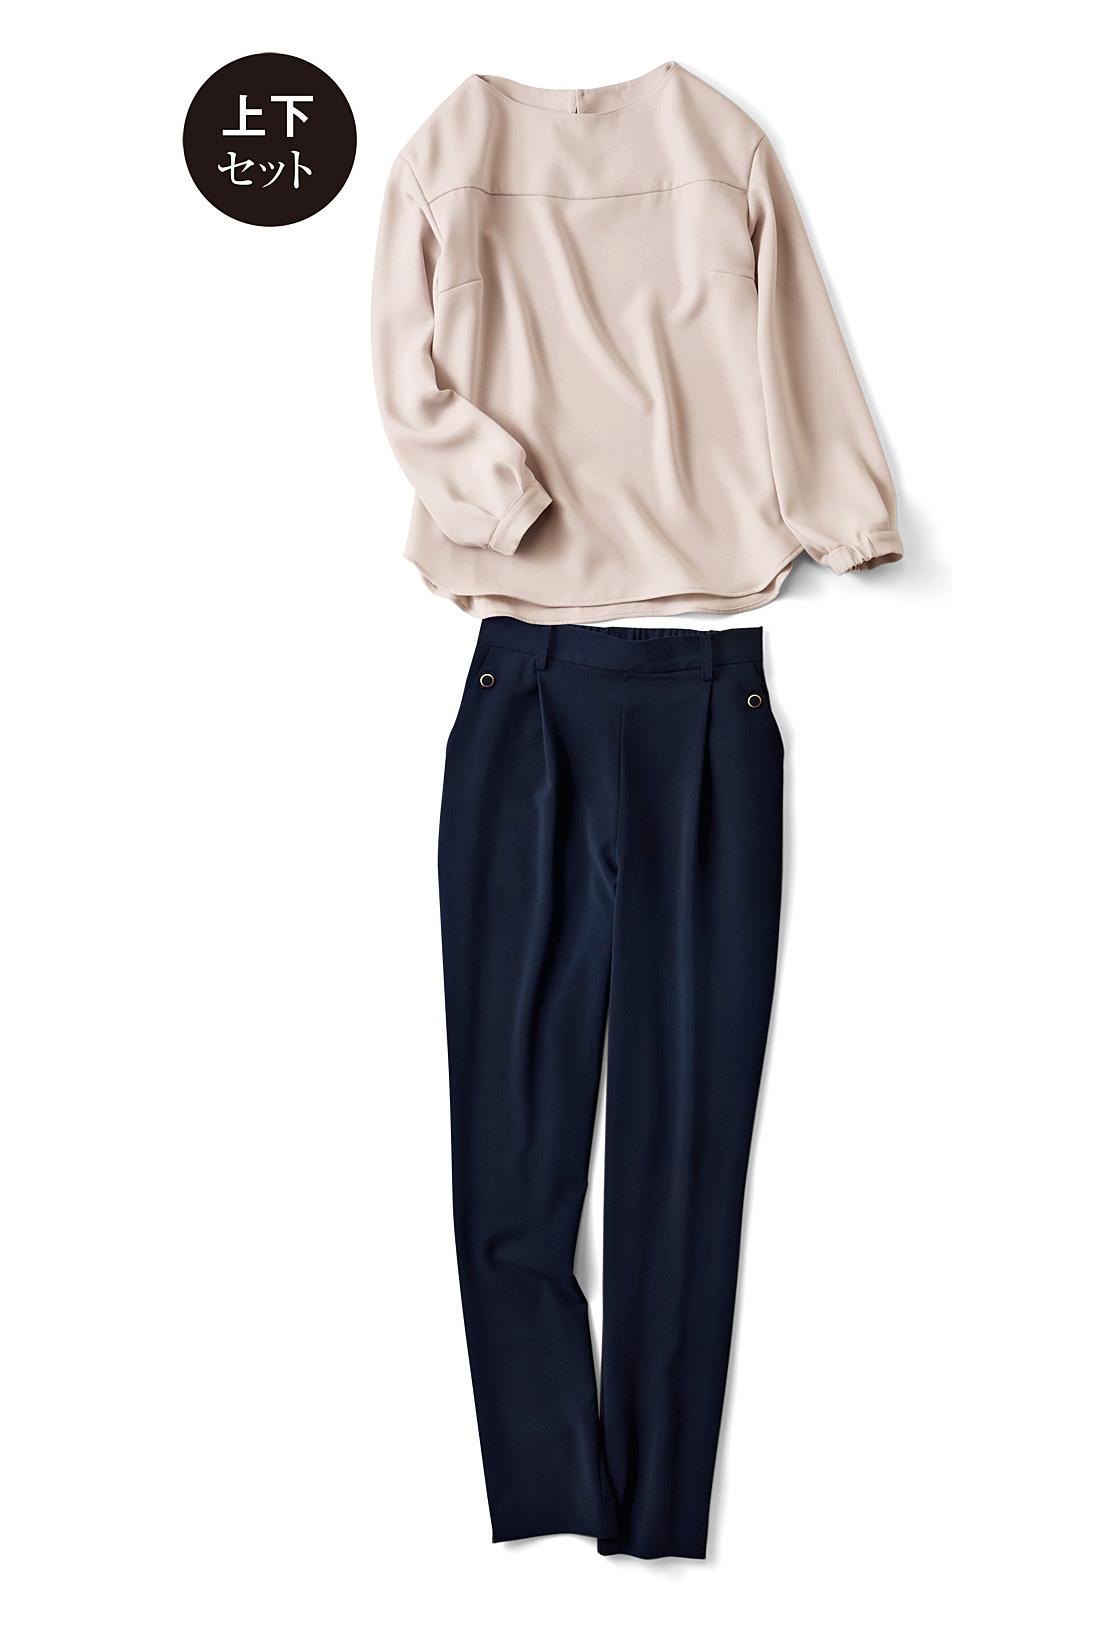 女らしく着映える〈ピンクベージュ×ネイビー〉 後ろゴムでらくちんなのに、フロントはベルトループ付きできちんときれい。